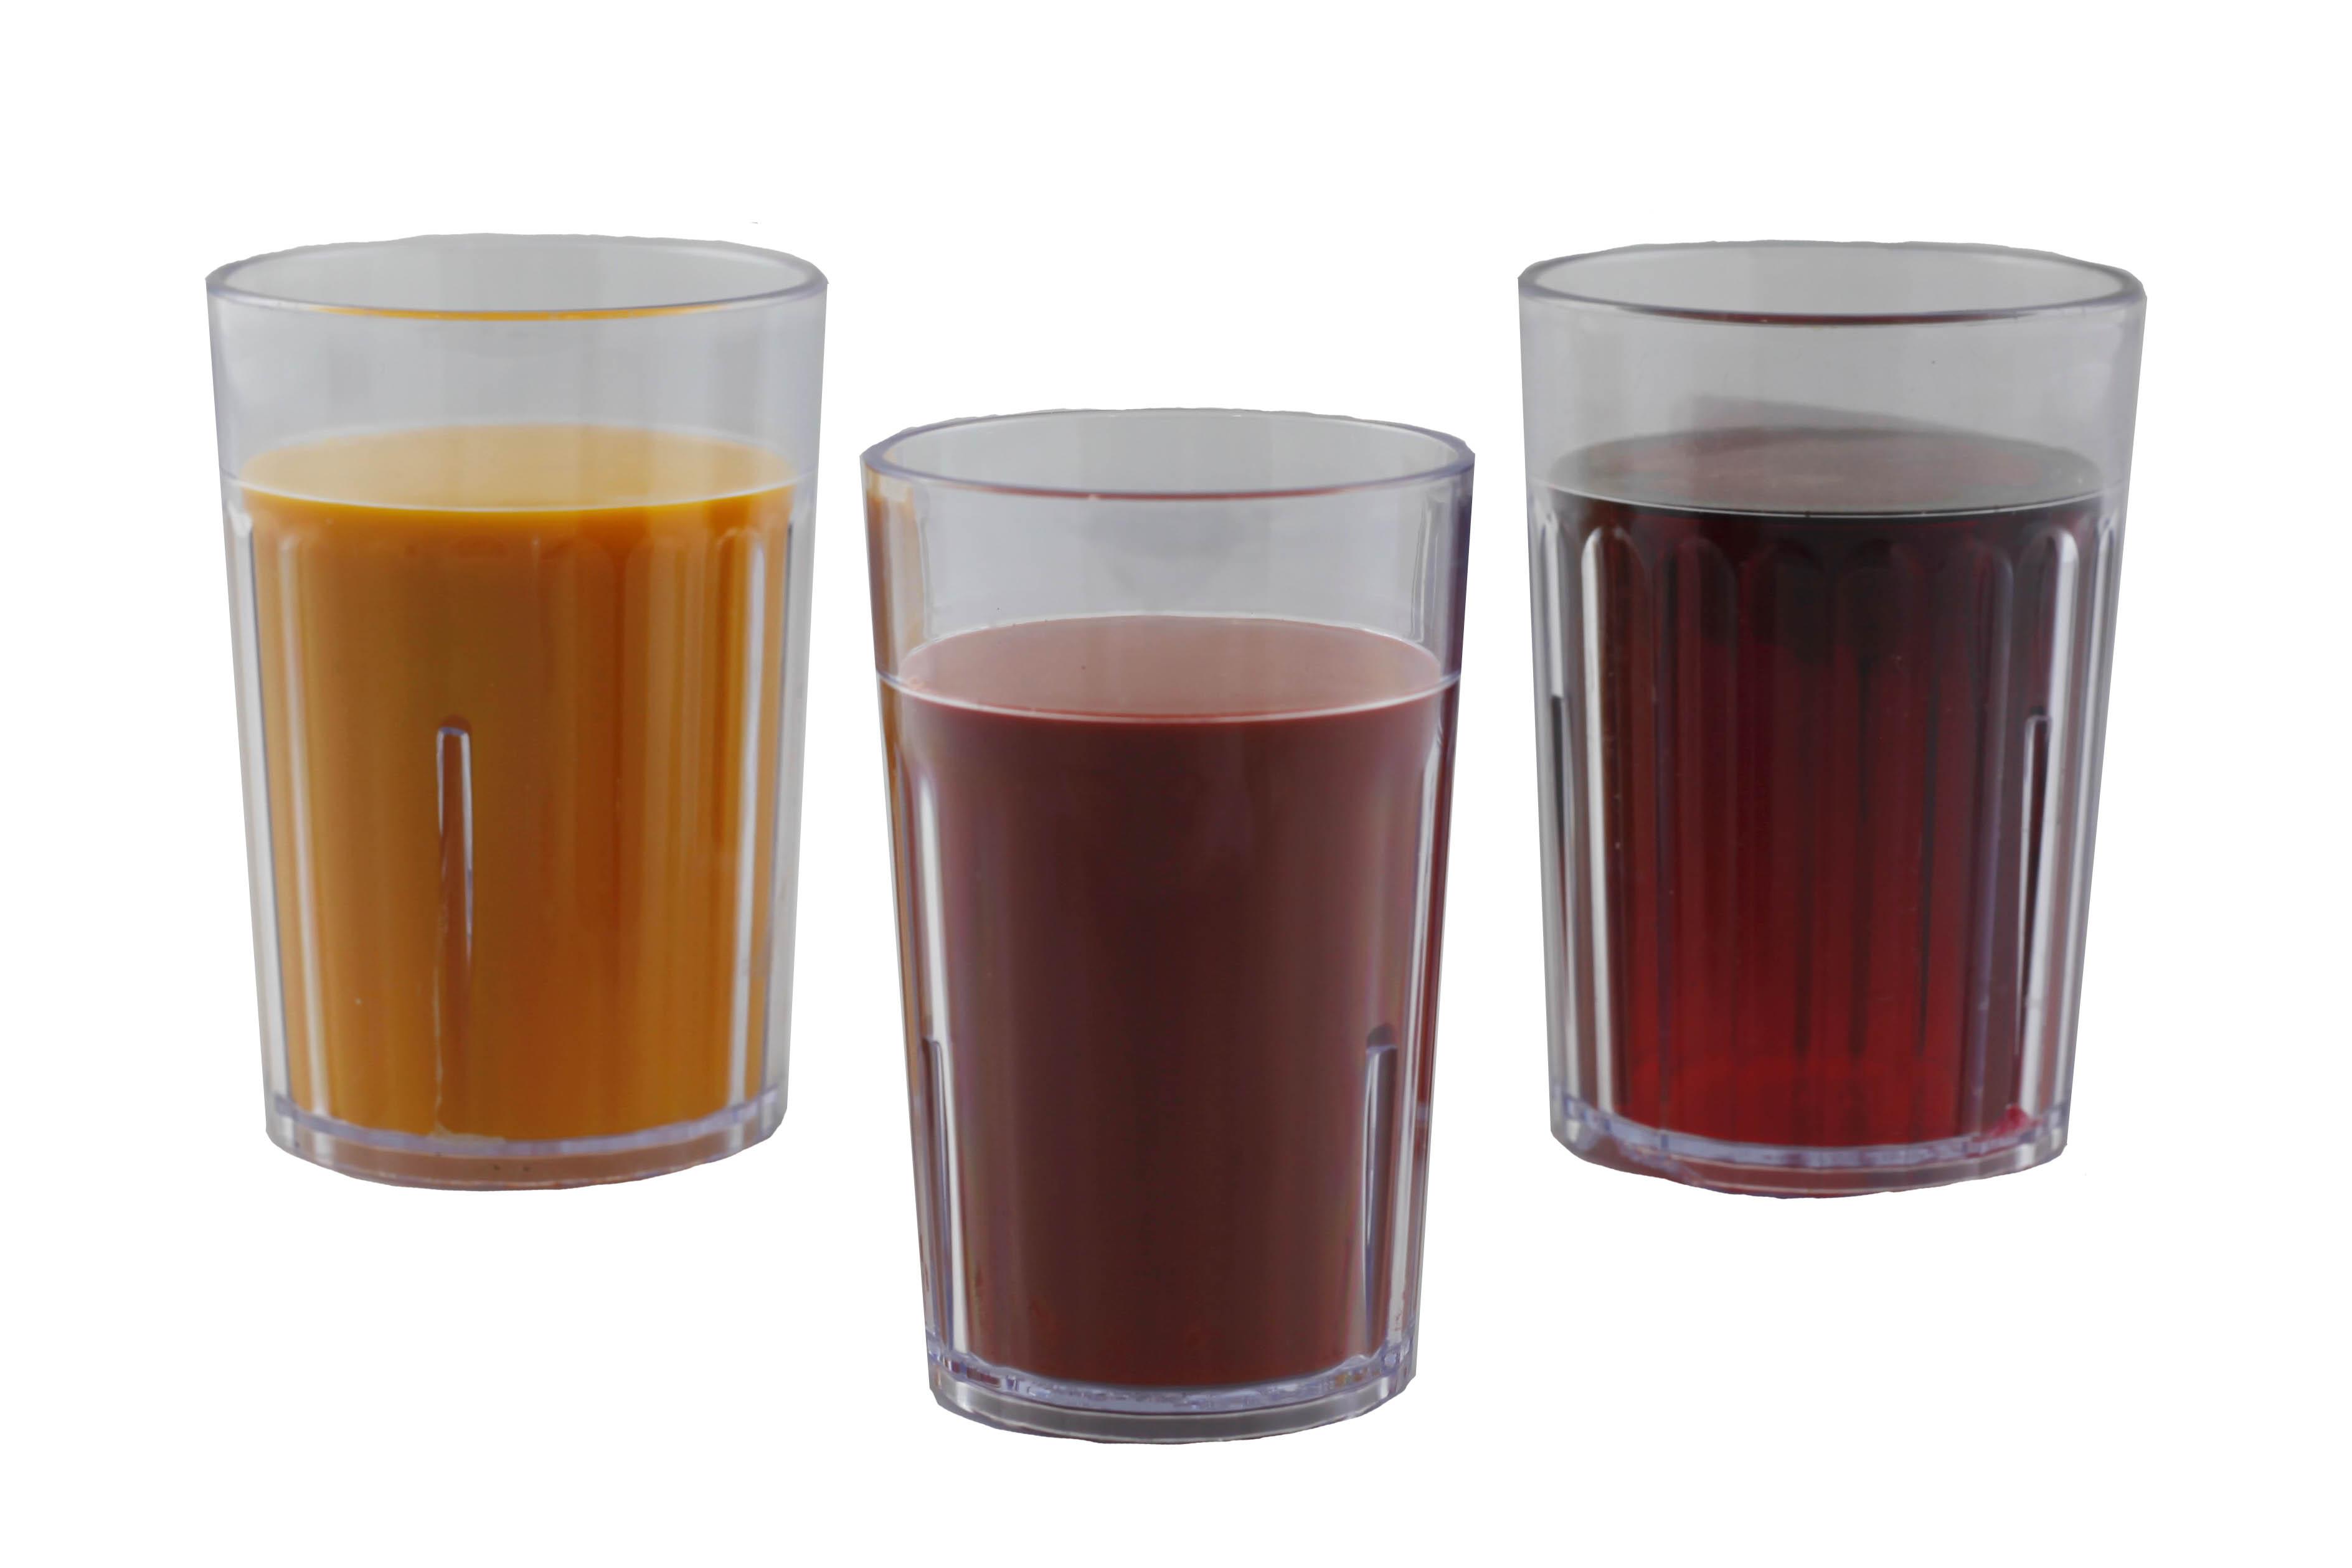 Réplica de vasos con jugo Nasco